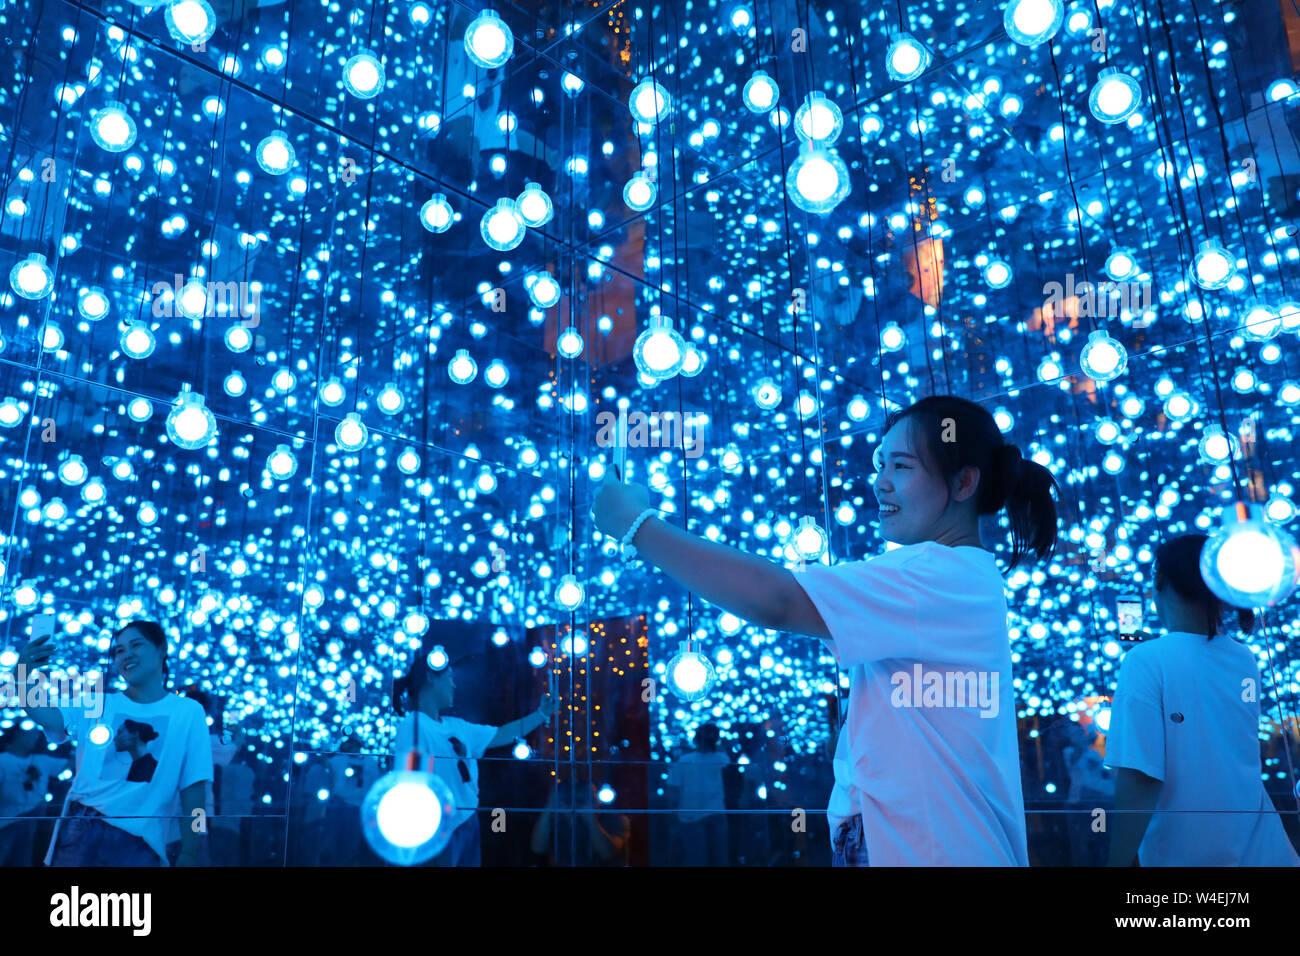 Anhui, Anhui, China  23rd July, 2019  Anhui, CHINA-Visitors